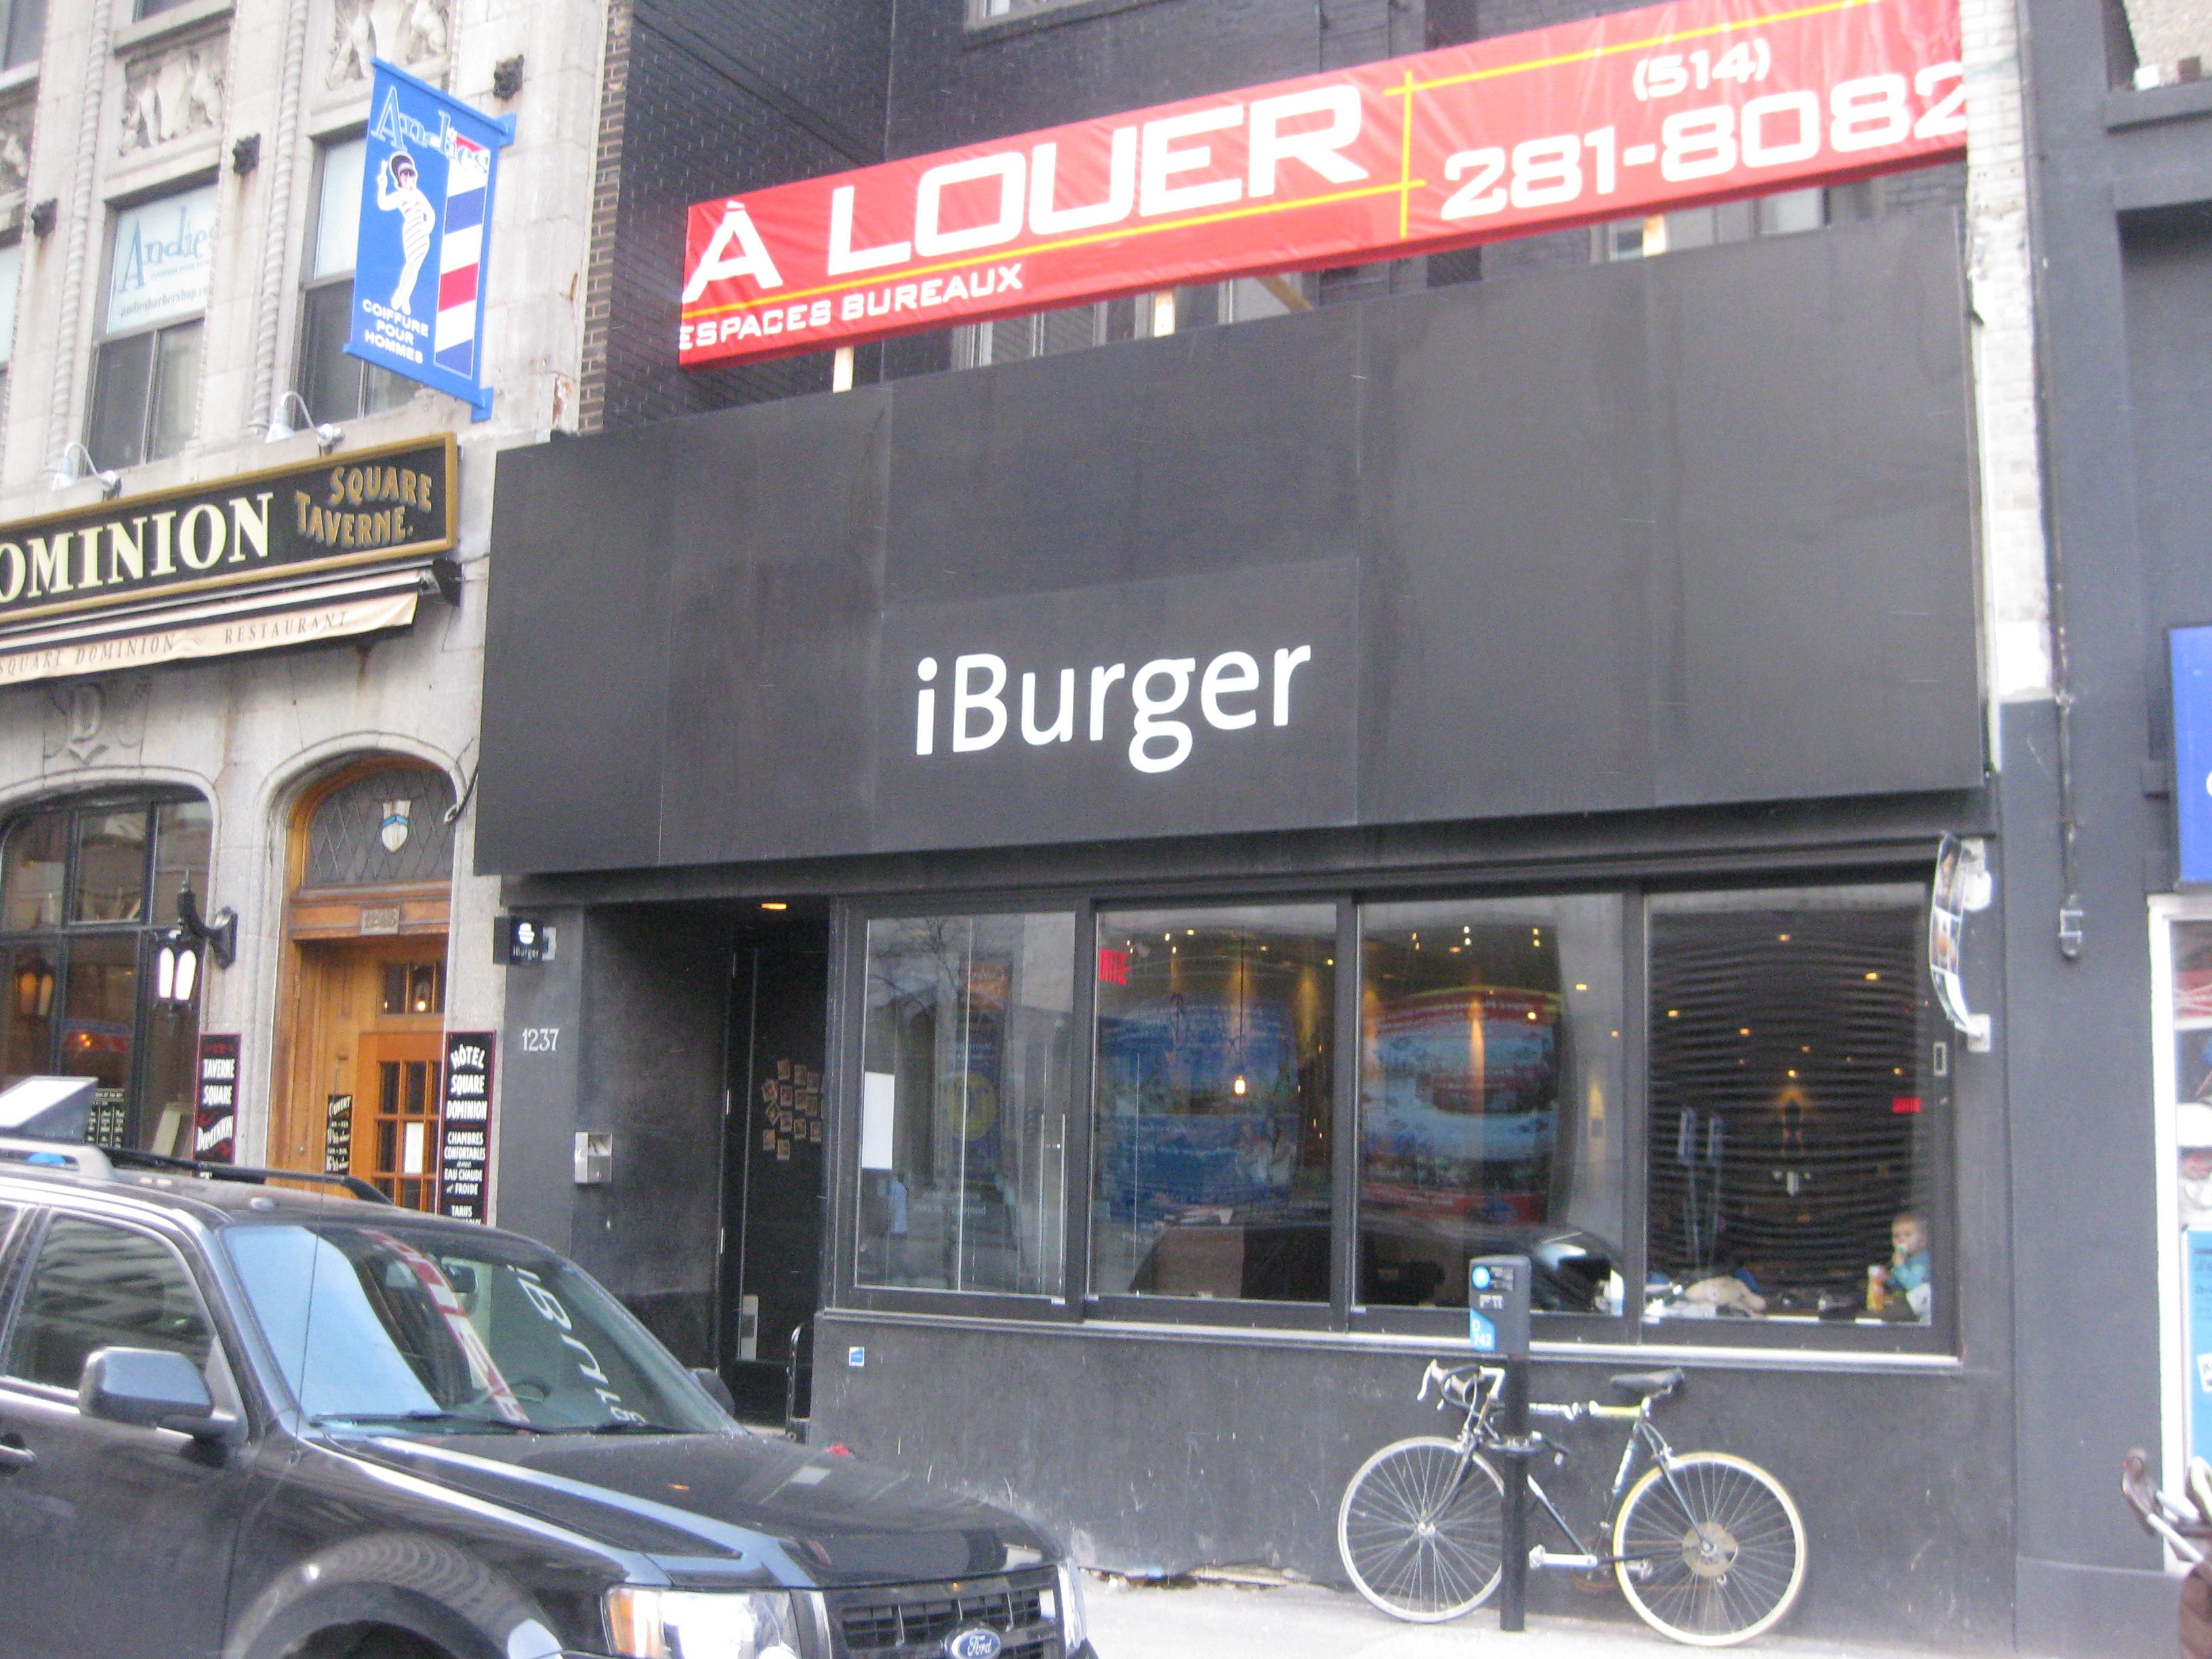 Facade - iBurger